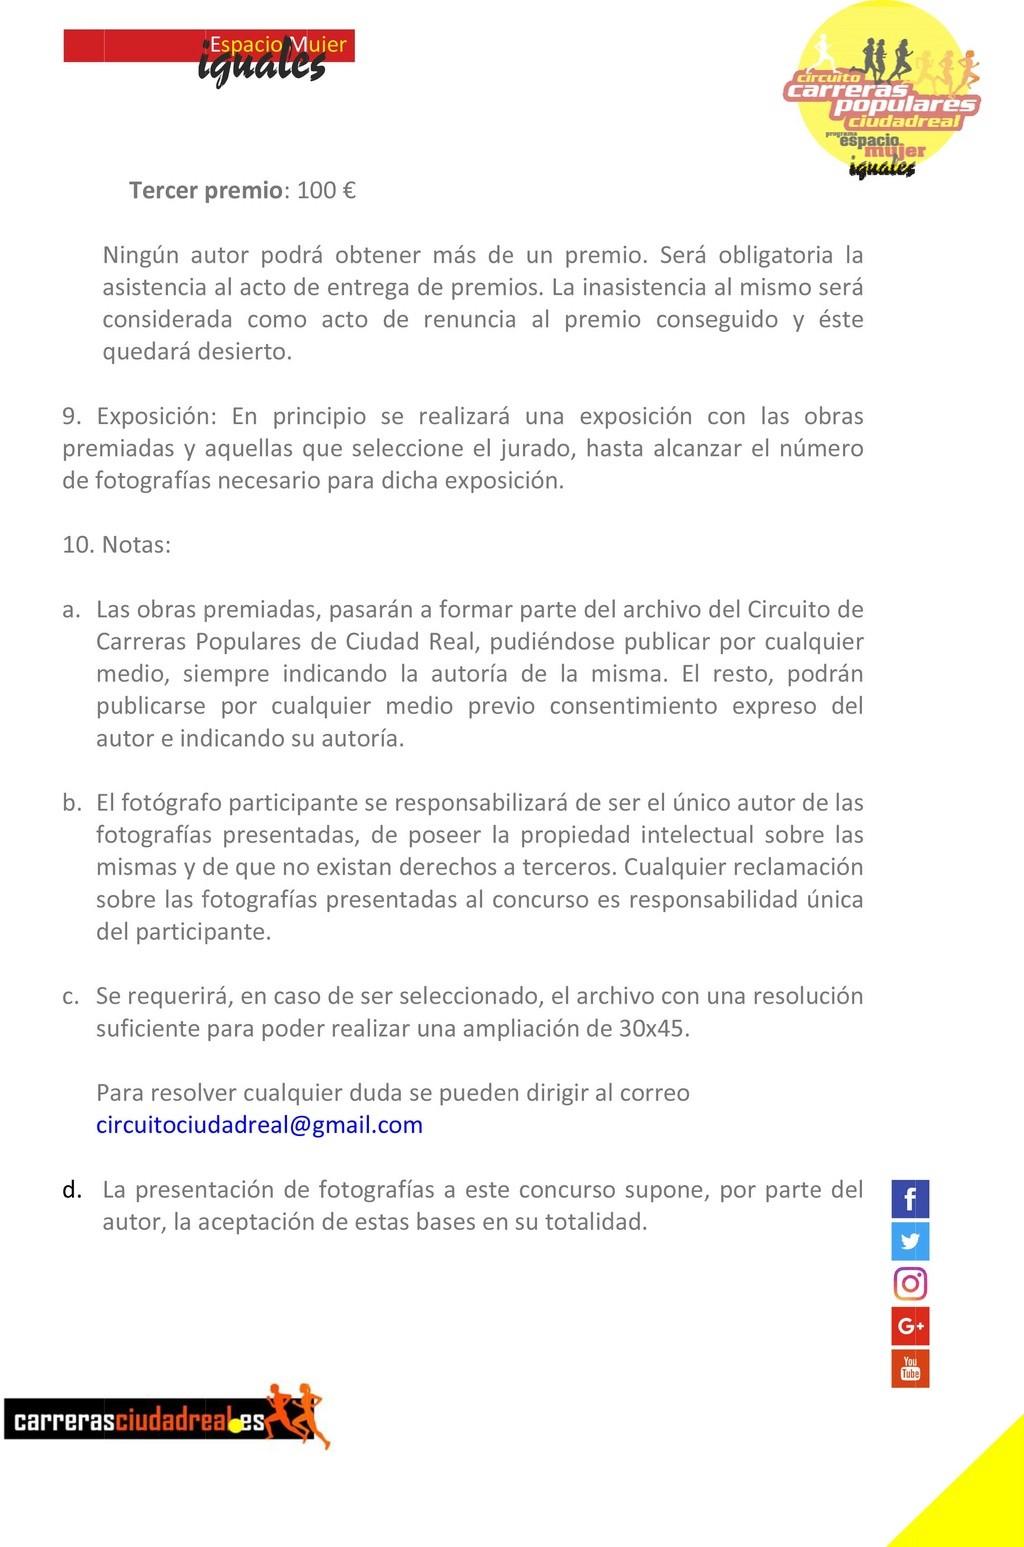 Concursos de Fotografía Diciembre 2018 Iguale12